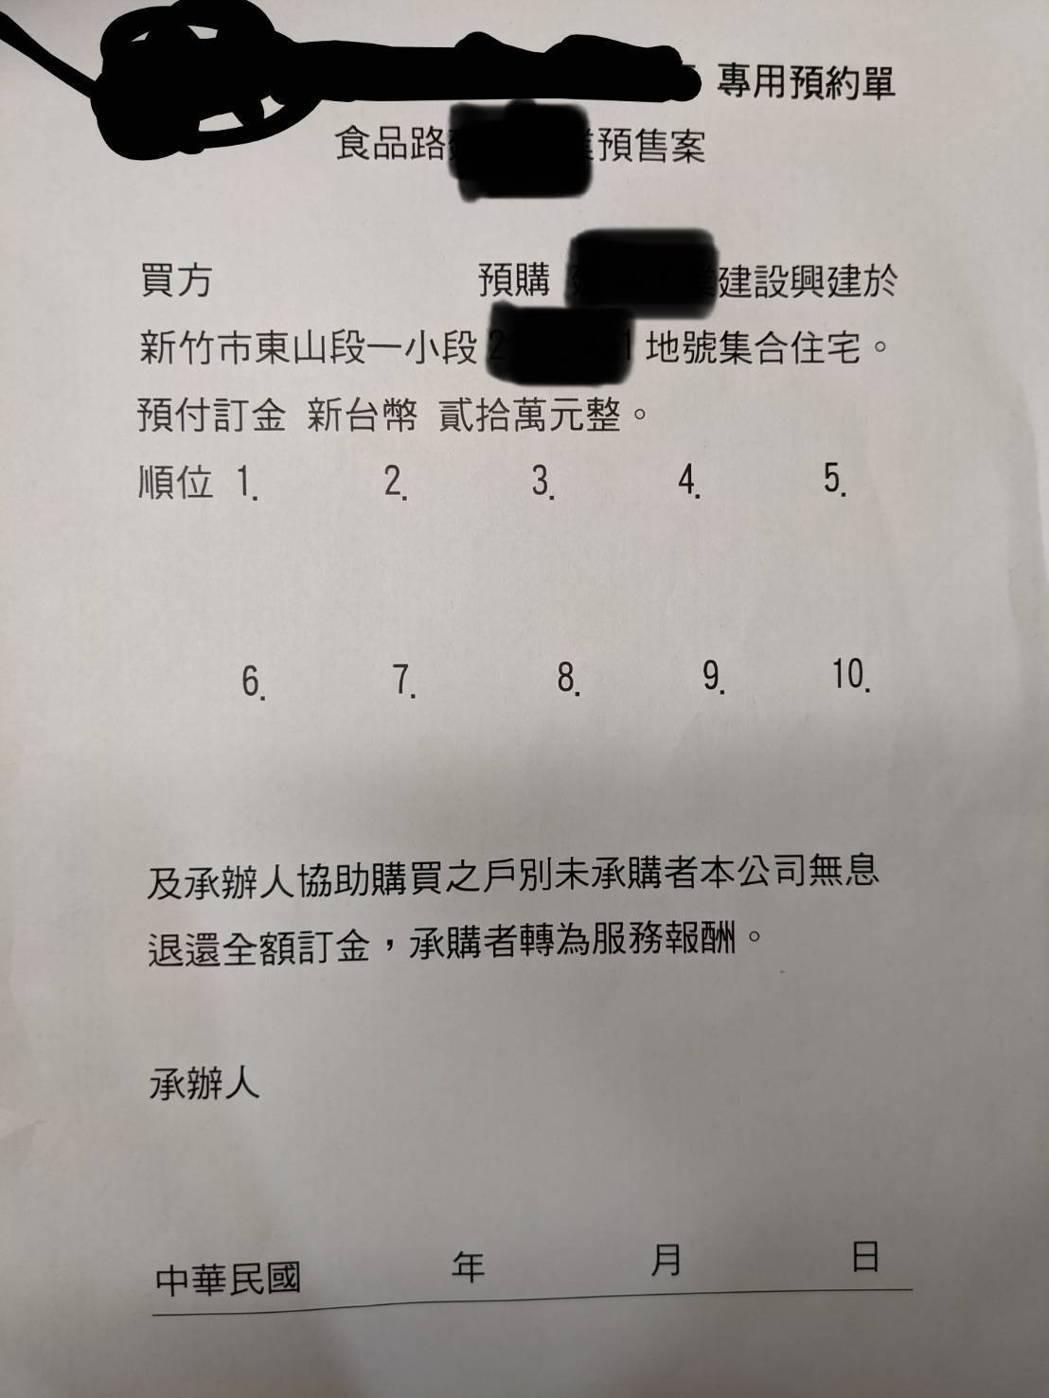 圖/新竹房市大小事LINE社群提供